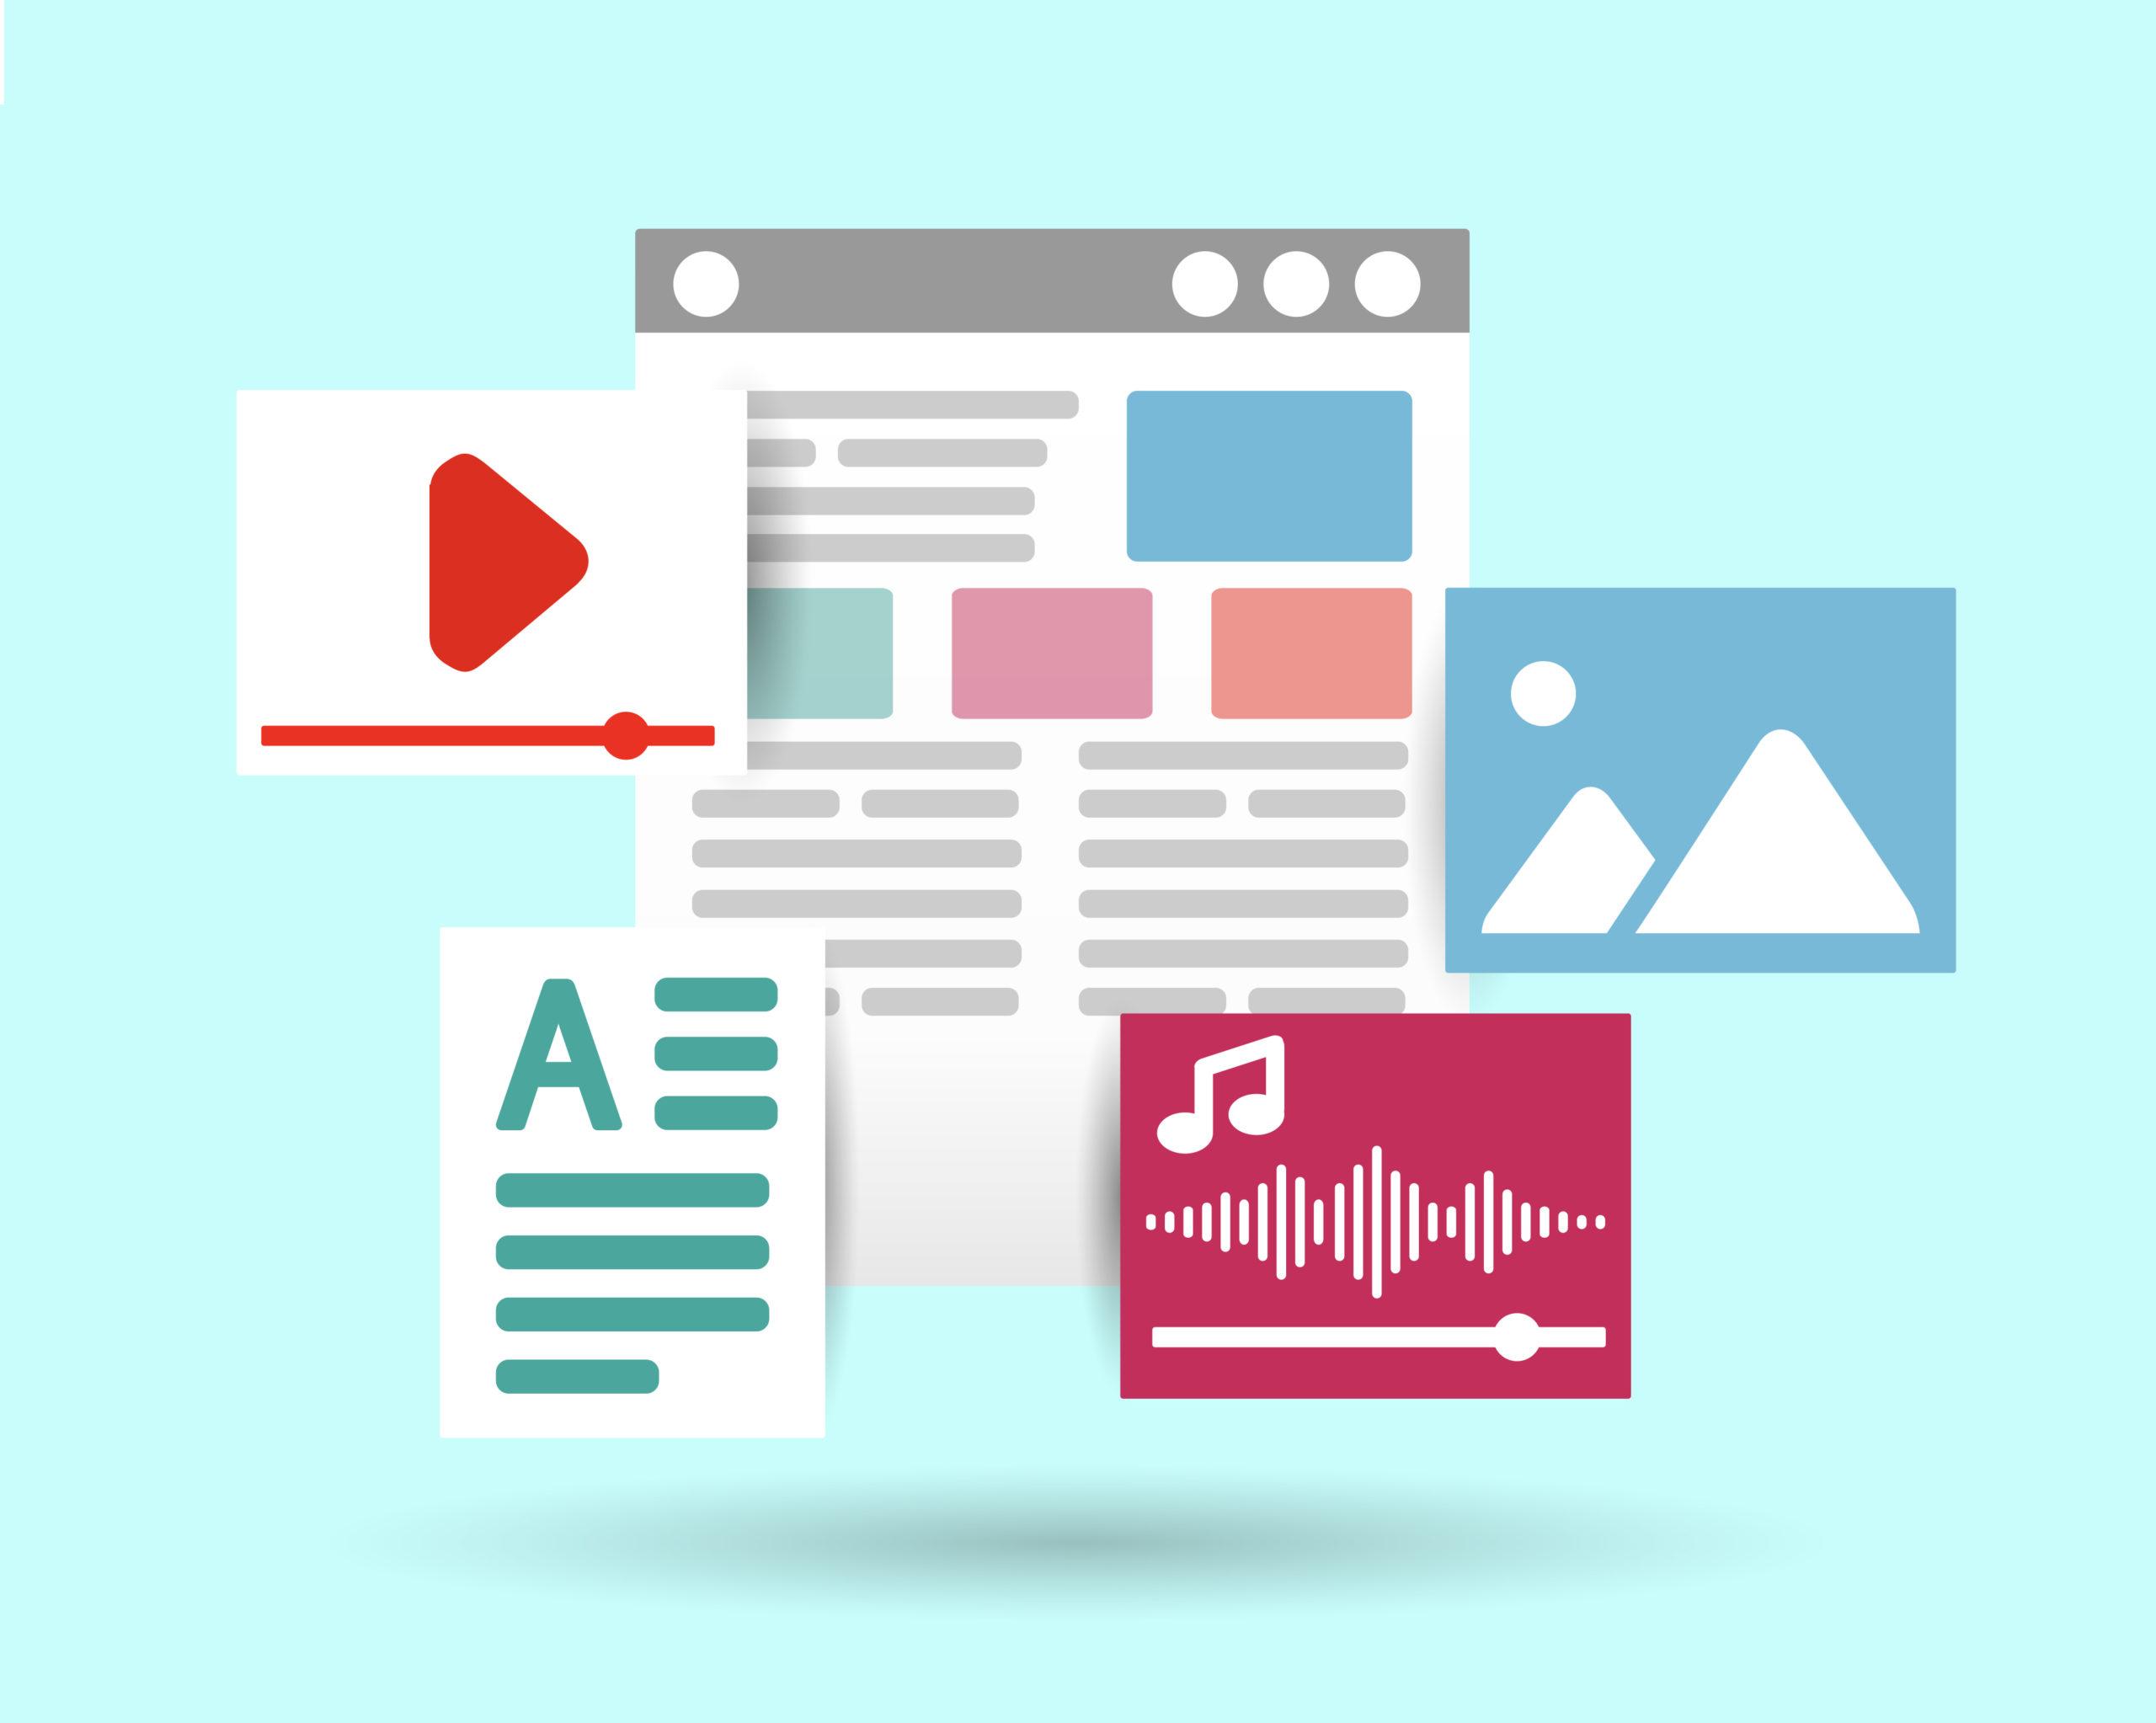 Darstellung von digitalen Darstellungsformen für Storytelling im Internet: Video, Text, Audio und Bild/Foto.